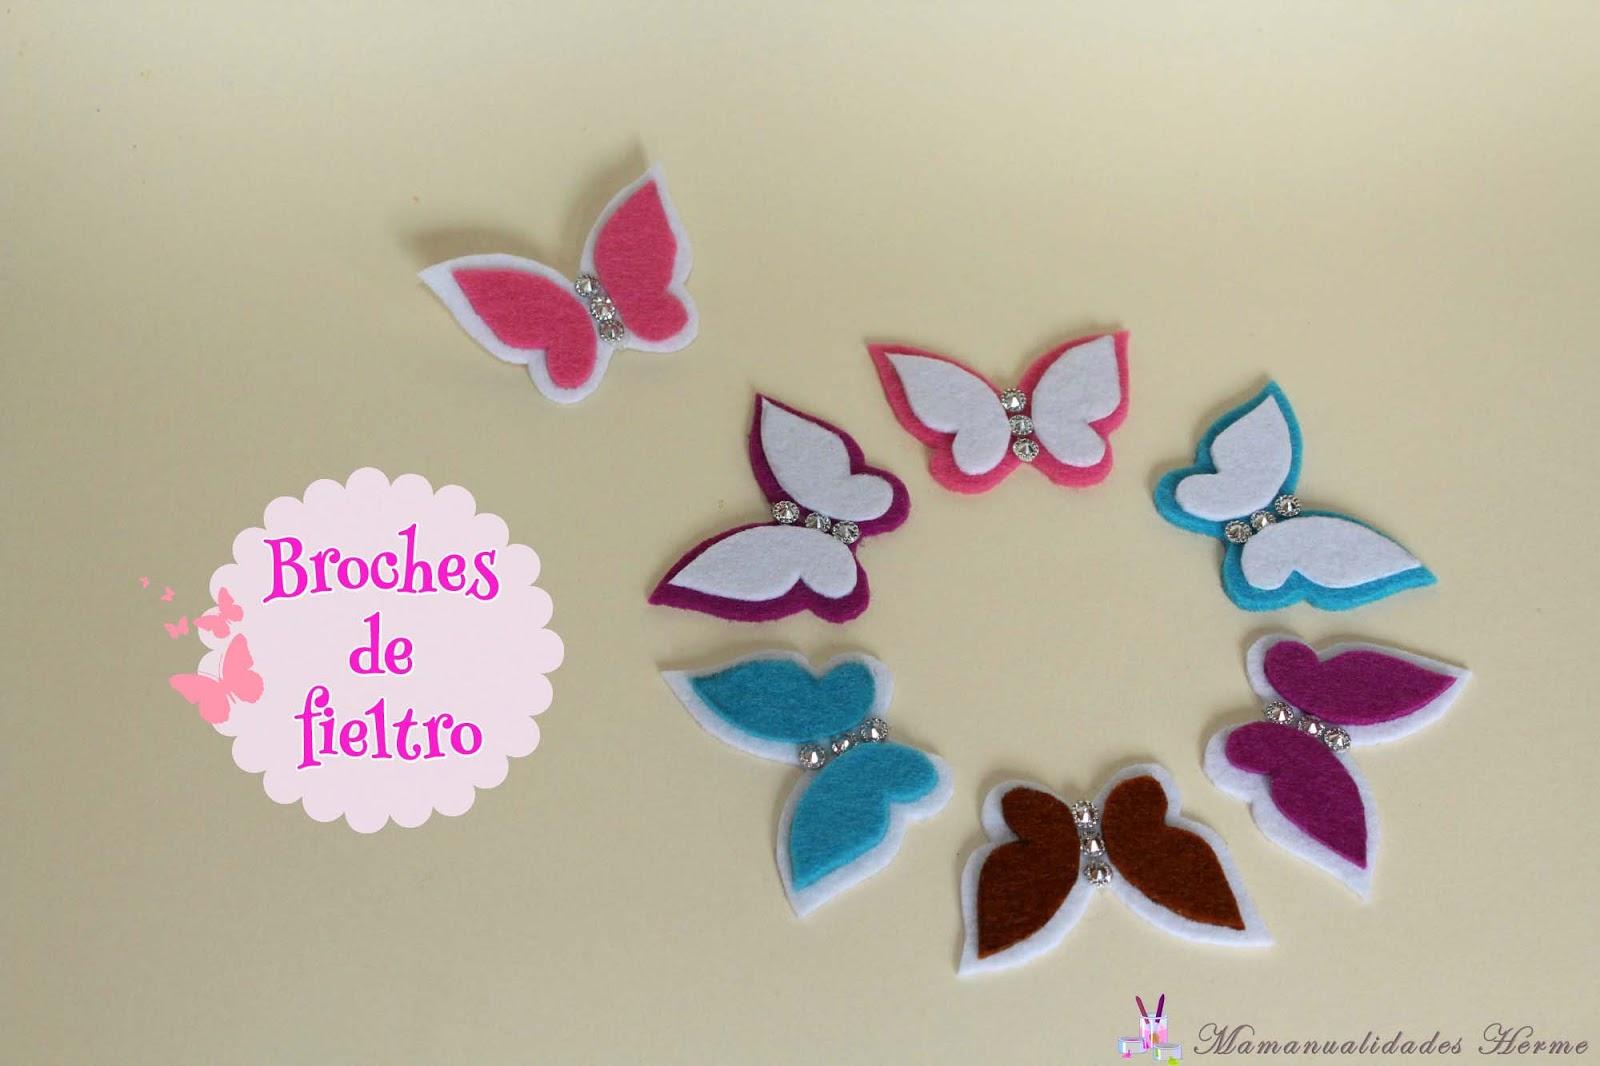 Manualidades herme como hacer broches de fieltro - Broches para manualidades ...